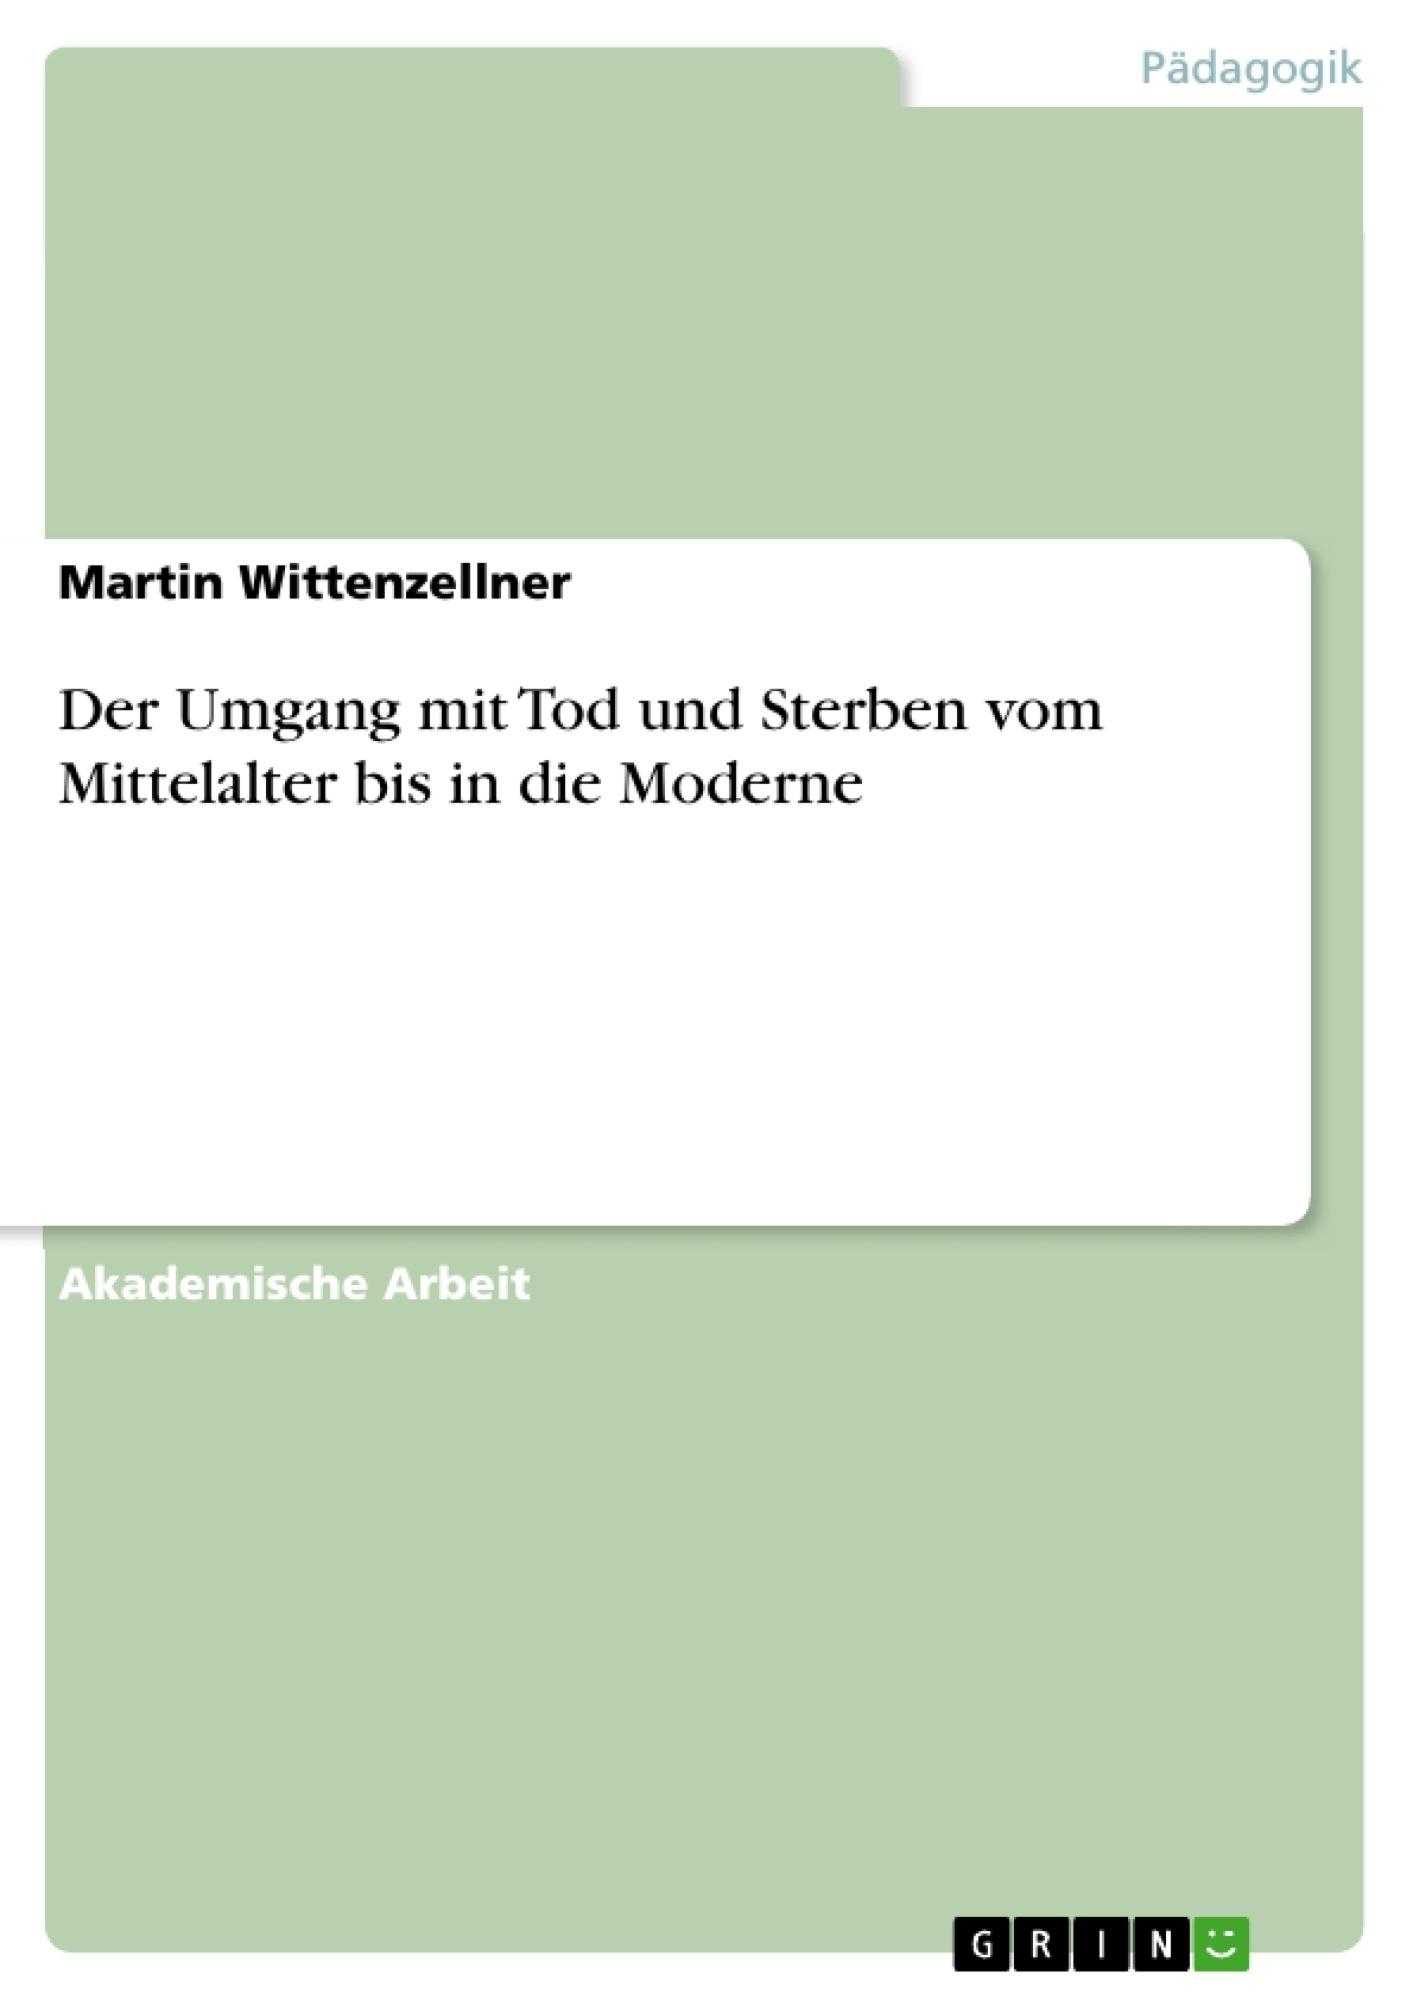 Titel: Der Umgang mit Tod und Sterben vom Mittelalter bis in die Moderne